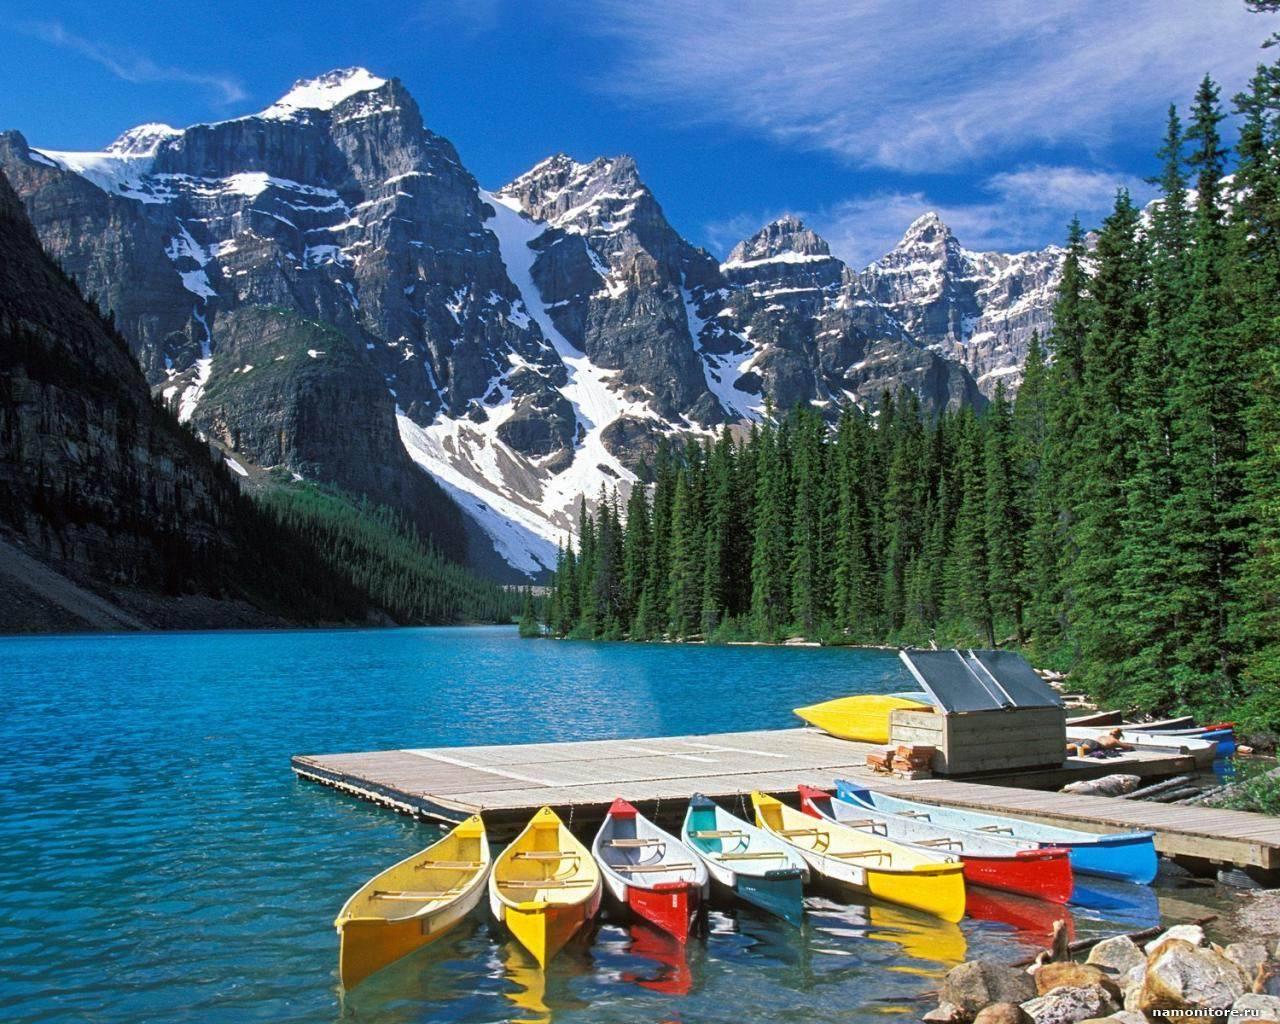 13537 télécharger le fond d'écran Paysage, Eau, Arbres, Montagnes, Lacs, Bateaux - économiseurs d'écran et images gratuitement